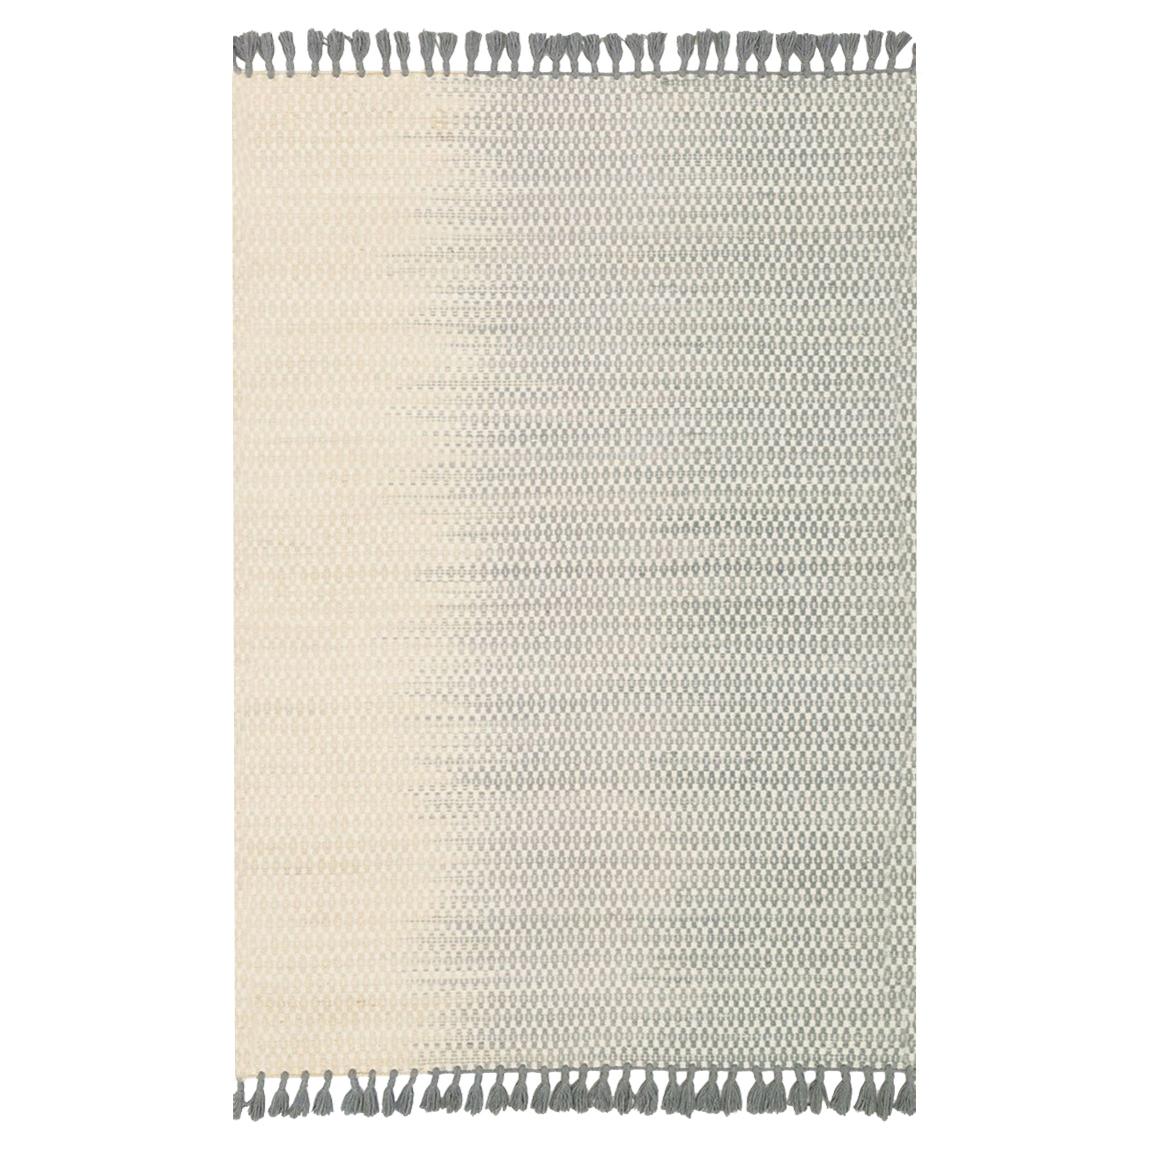 Ombre Bazaar Fade Ivory Grey Wool Rug - 9'3x13